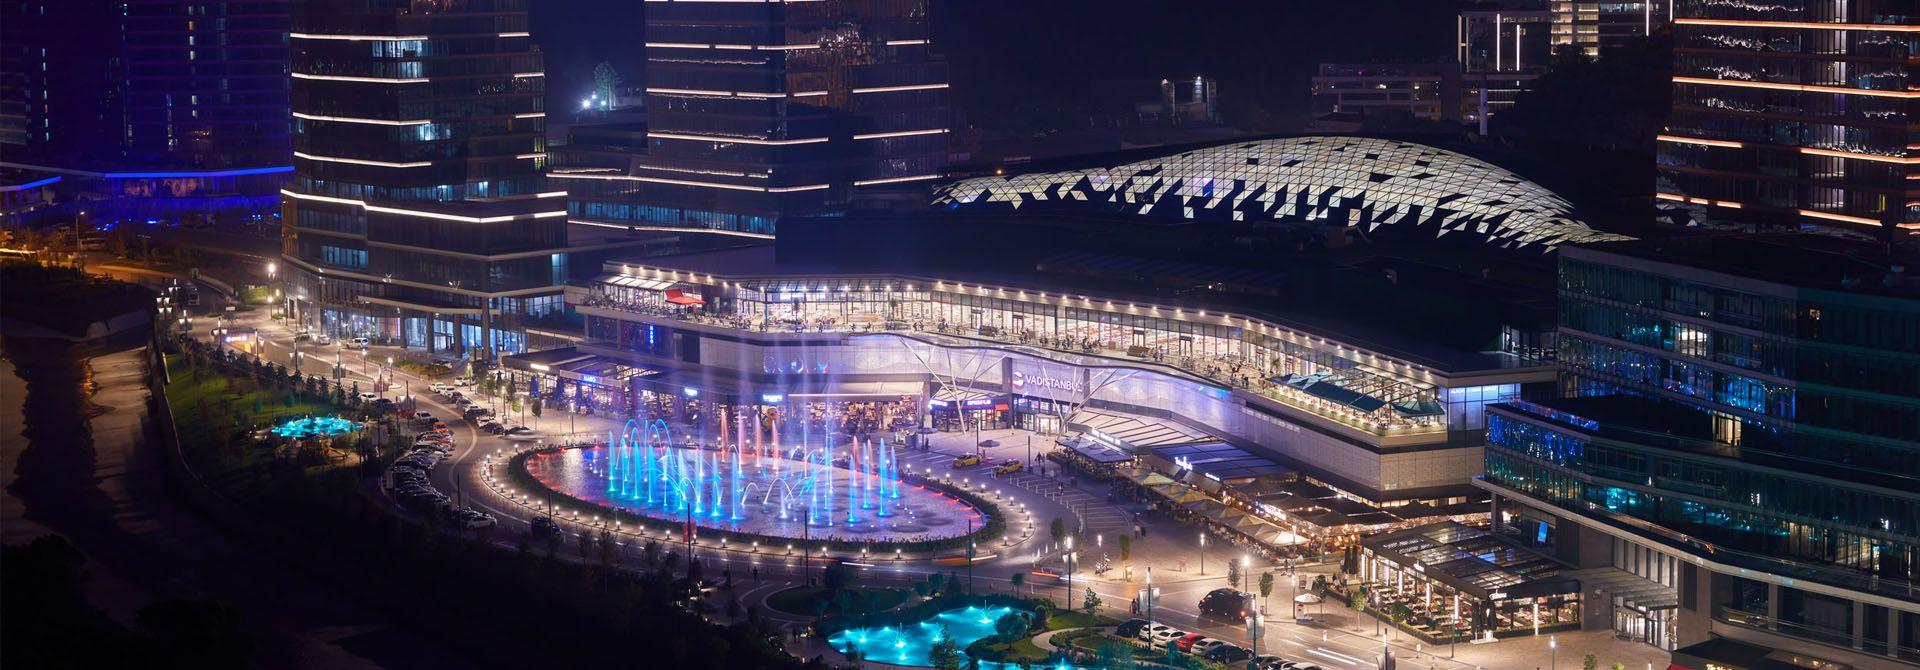 وادي إسطنبول مول vadi istanbul mall